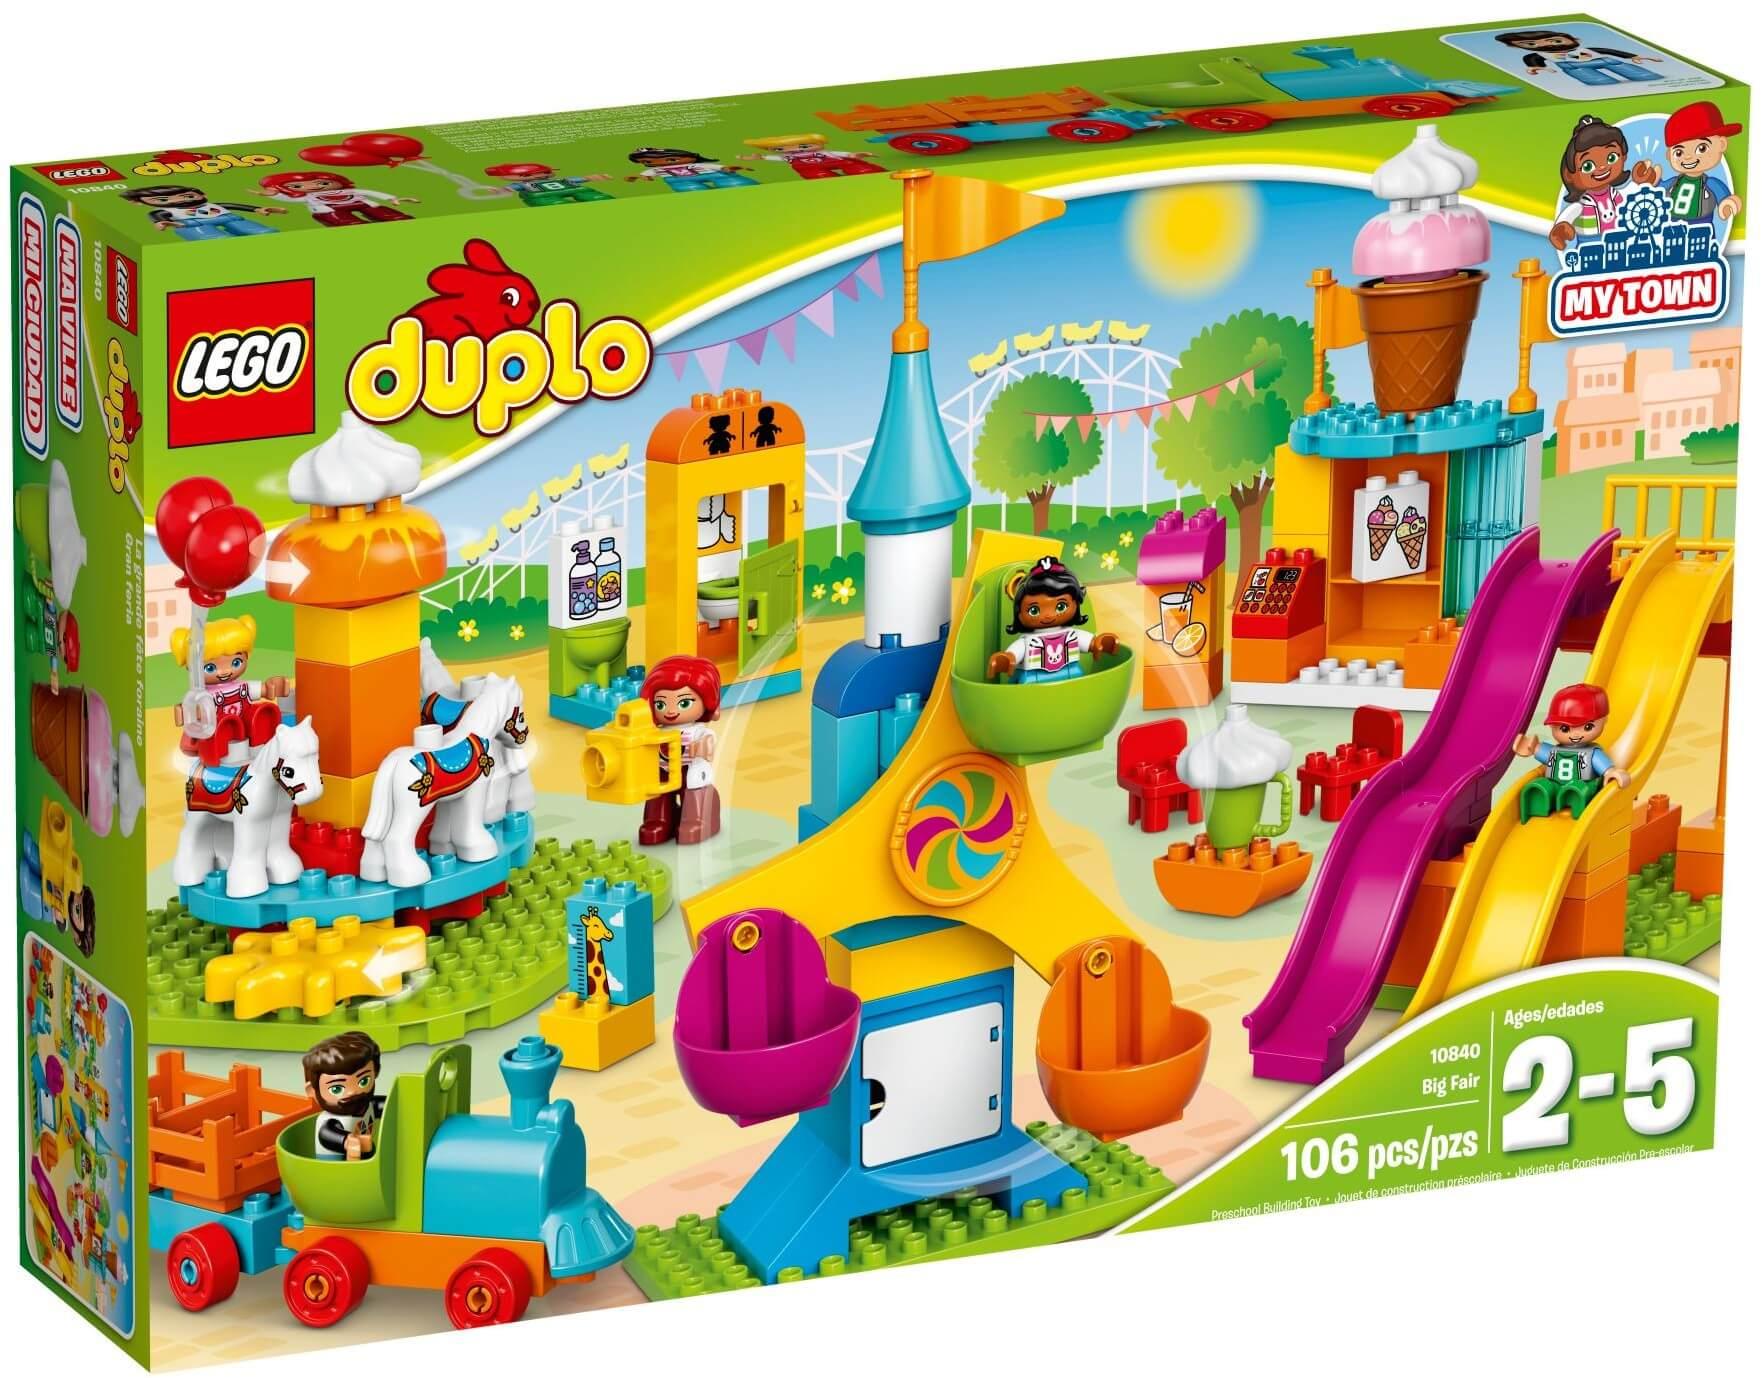 Mua đồ chơi LEGO 10840 - LEGO Duplo 10840 - Công Viên Giải Trí Lớn (LEGO Duplo Big Fair)